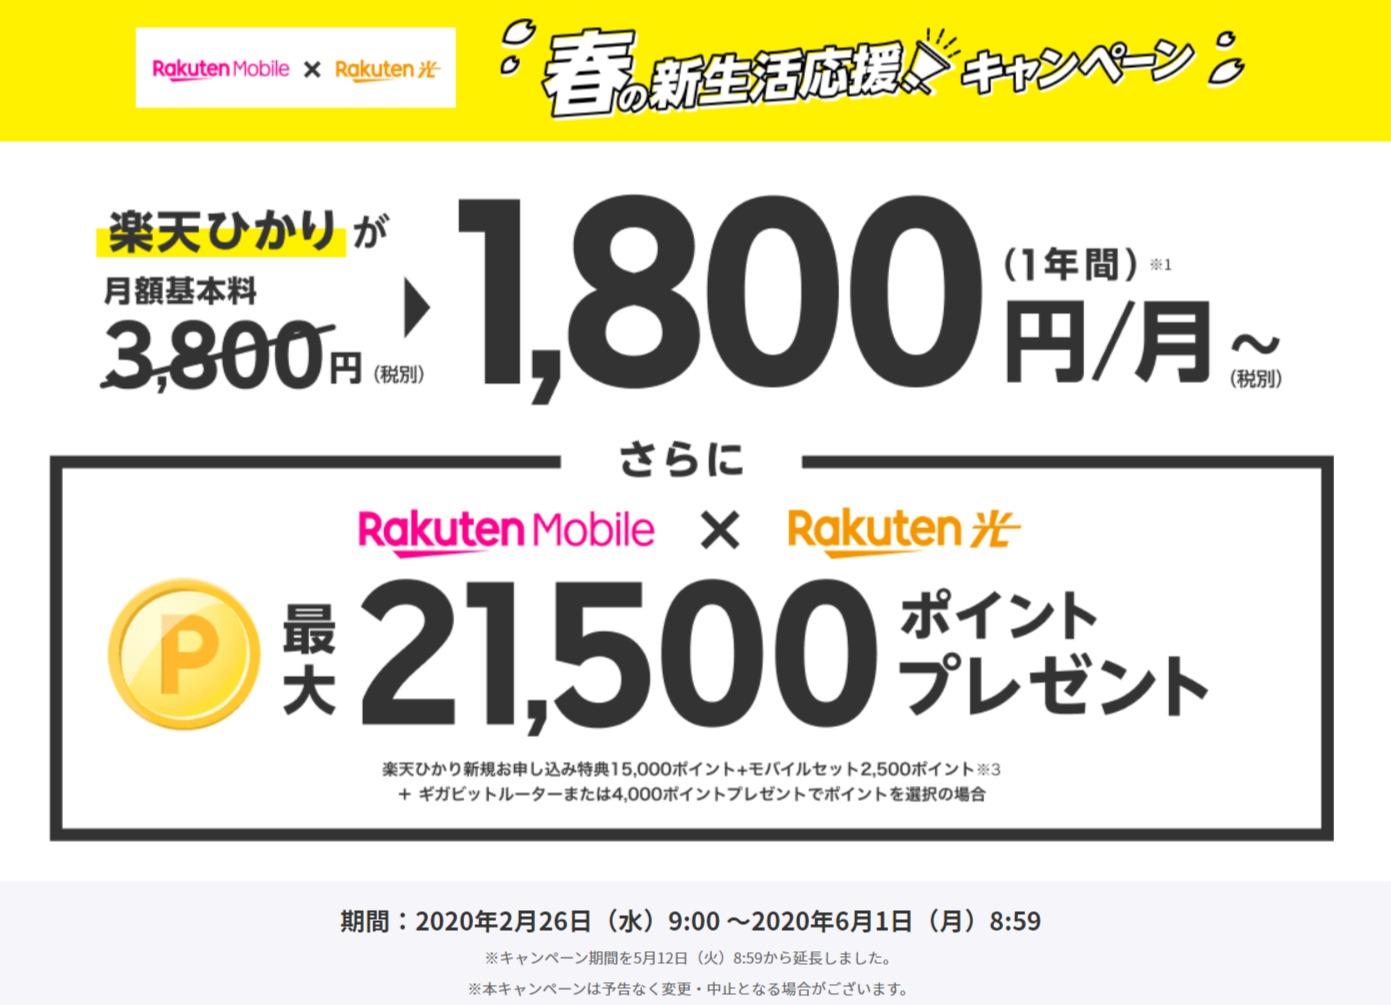 「楽天ひかり」春の新生活応援キャンペーン - 楽天モバイル